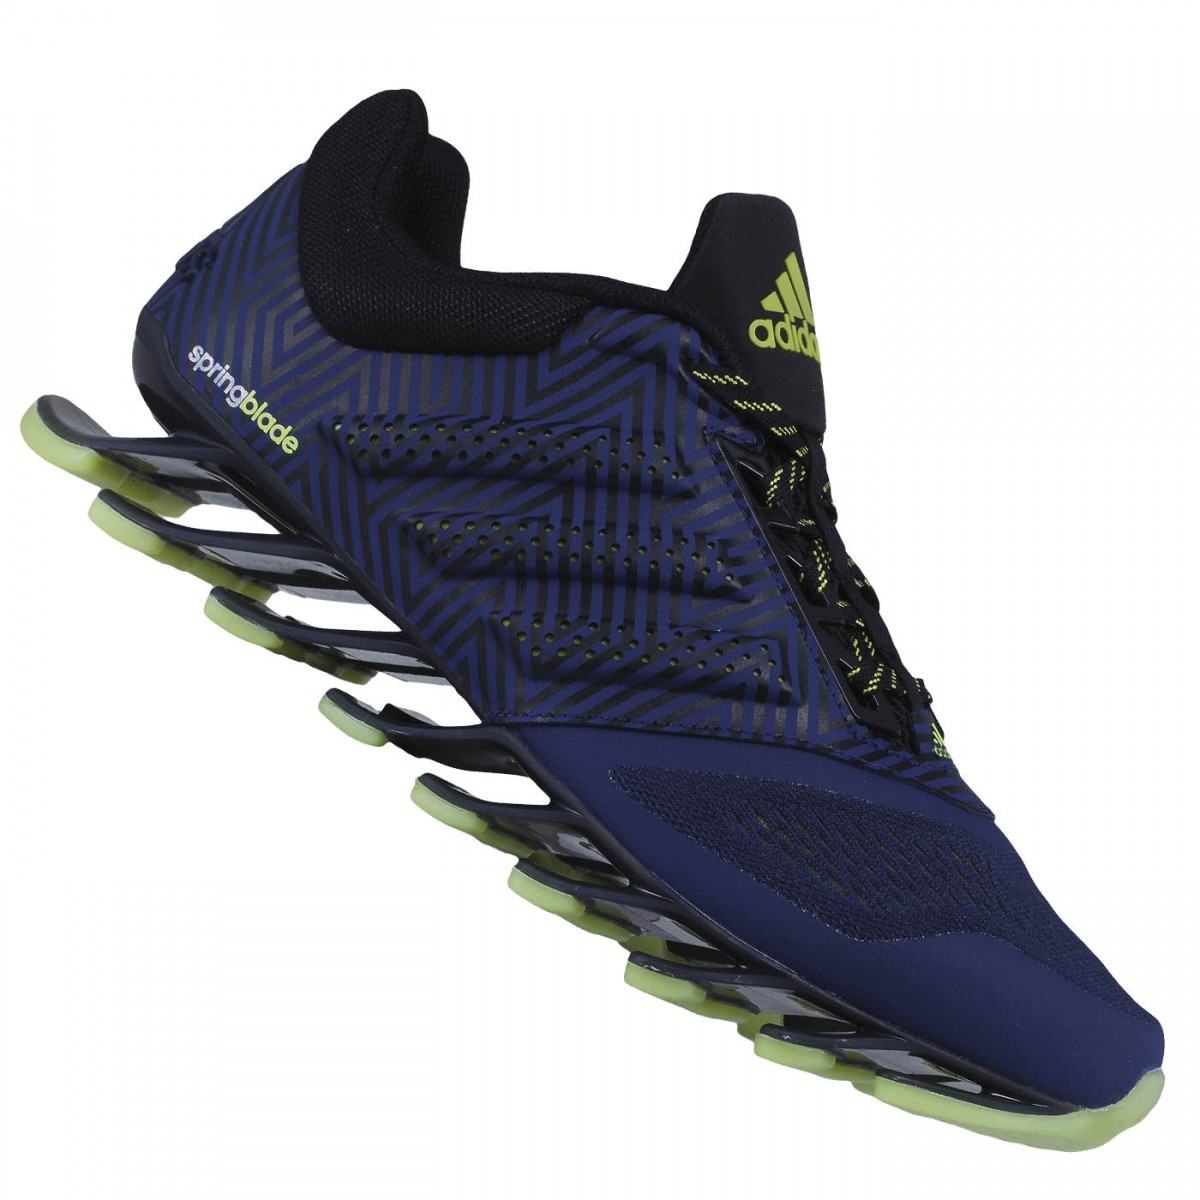 aecde5ff9 Tênis adidas Springblade Drive 2 - Masculino - R$ 799,90 em Mercado ...